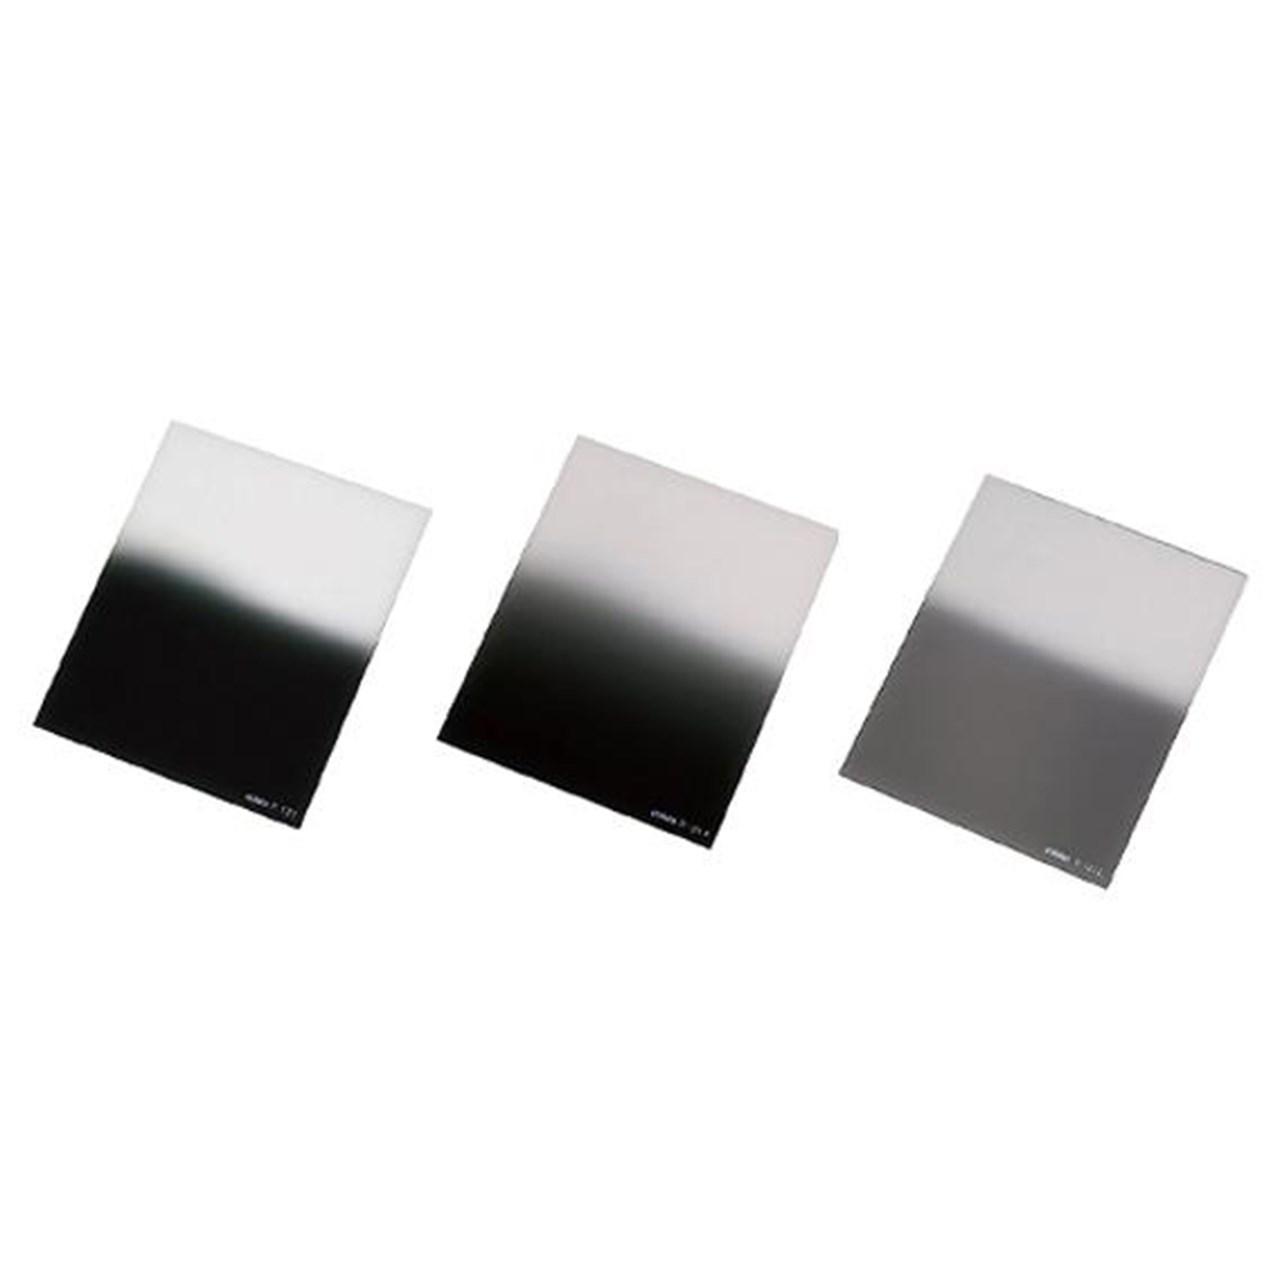 کیت فیلتر لنز کوکین مدل H300-02